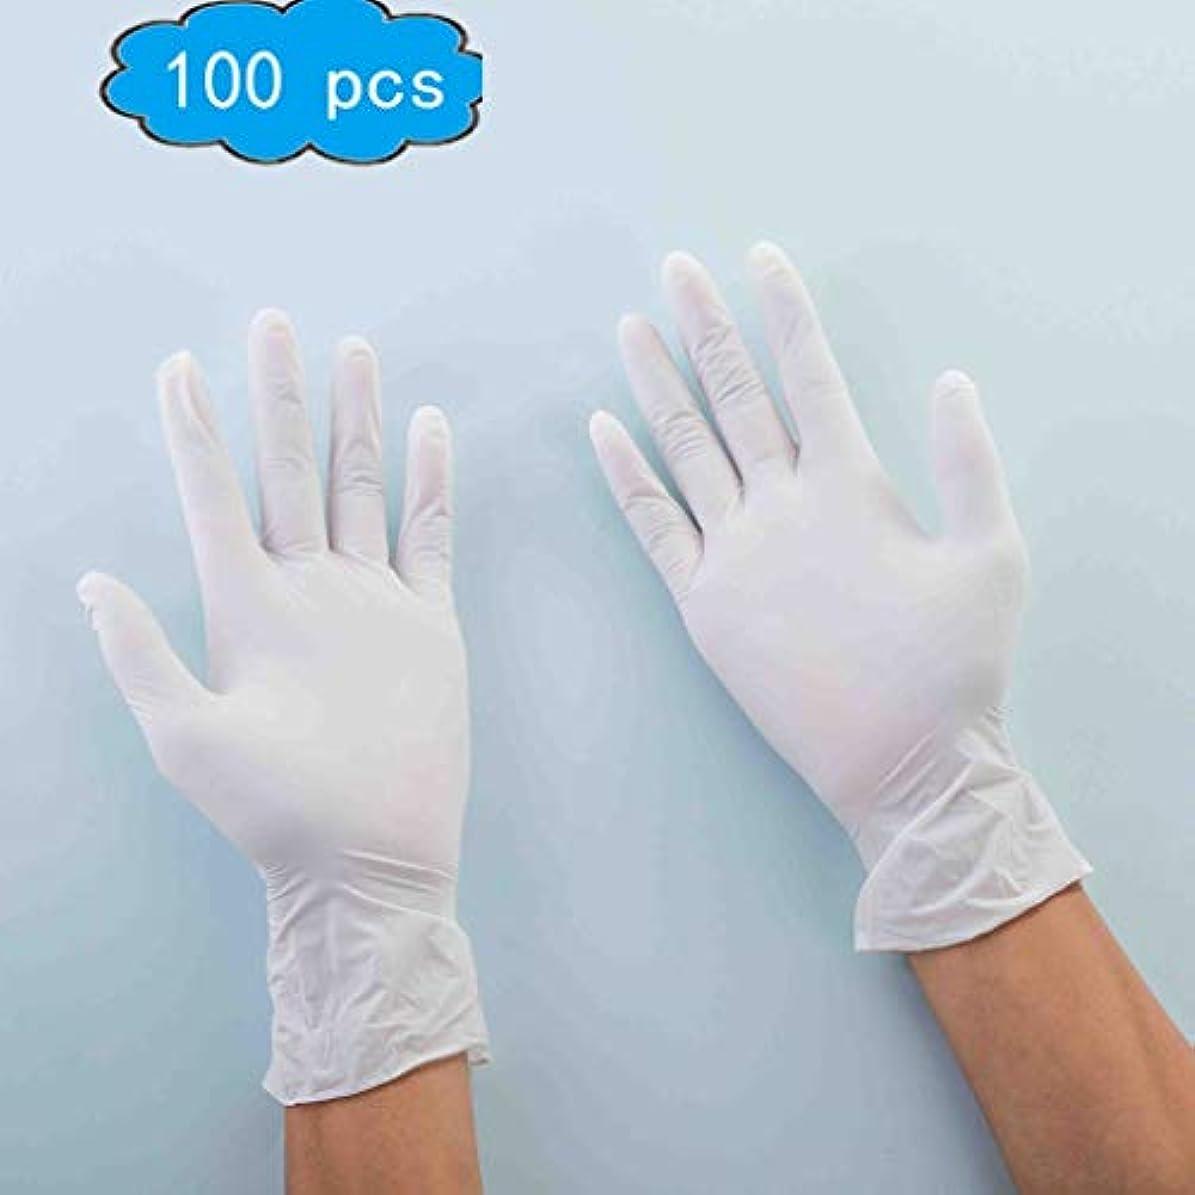 入手します悪化するブルゴーニュ使い捨て手袋 - 白、厚めのバージョン、ニトリル手袋、パウダーフリー、試験、無菌、中、100箱、手と腕の保護 (Color : White, Size : L)